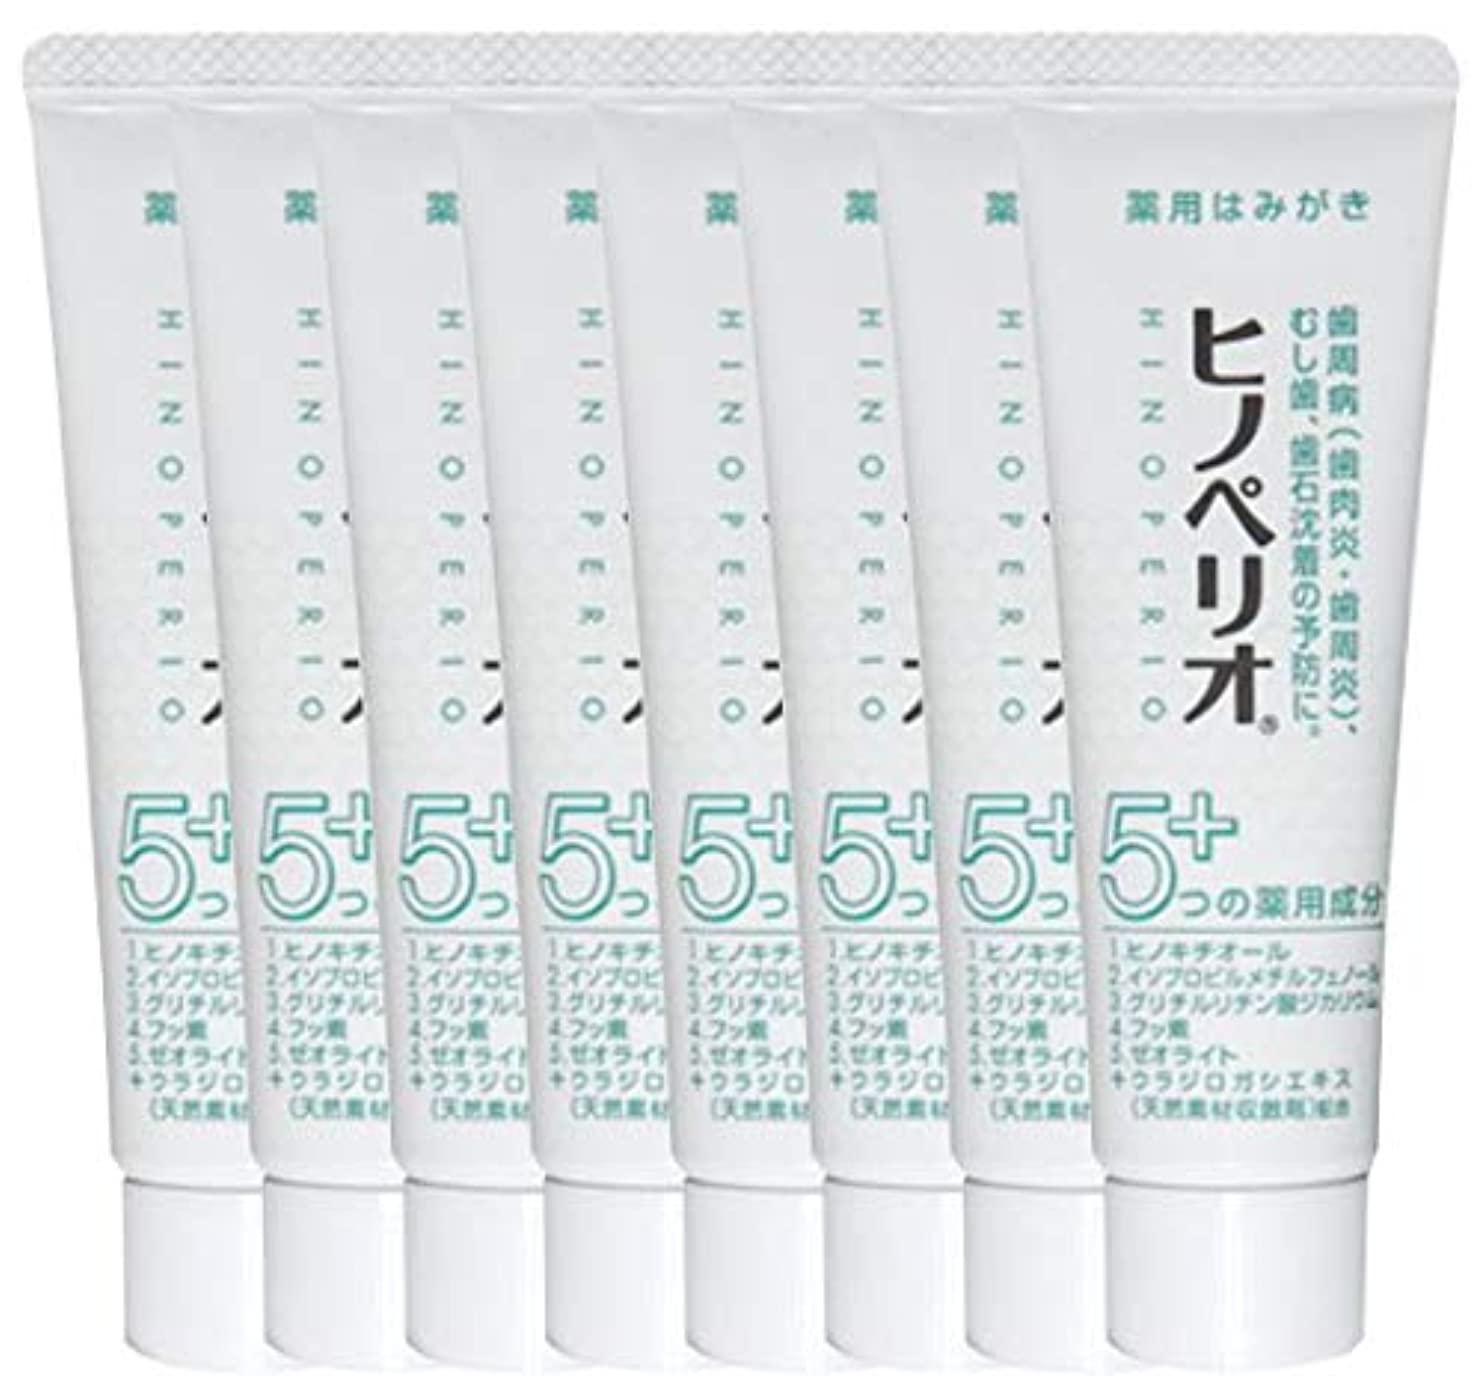 キャンペーン努力するピック昭和薬品 ヒノペリオ60g 医薬部外品 × 8本